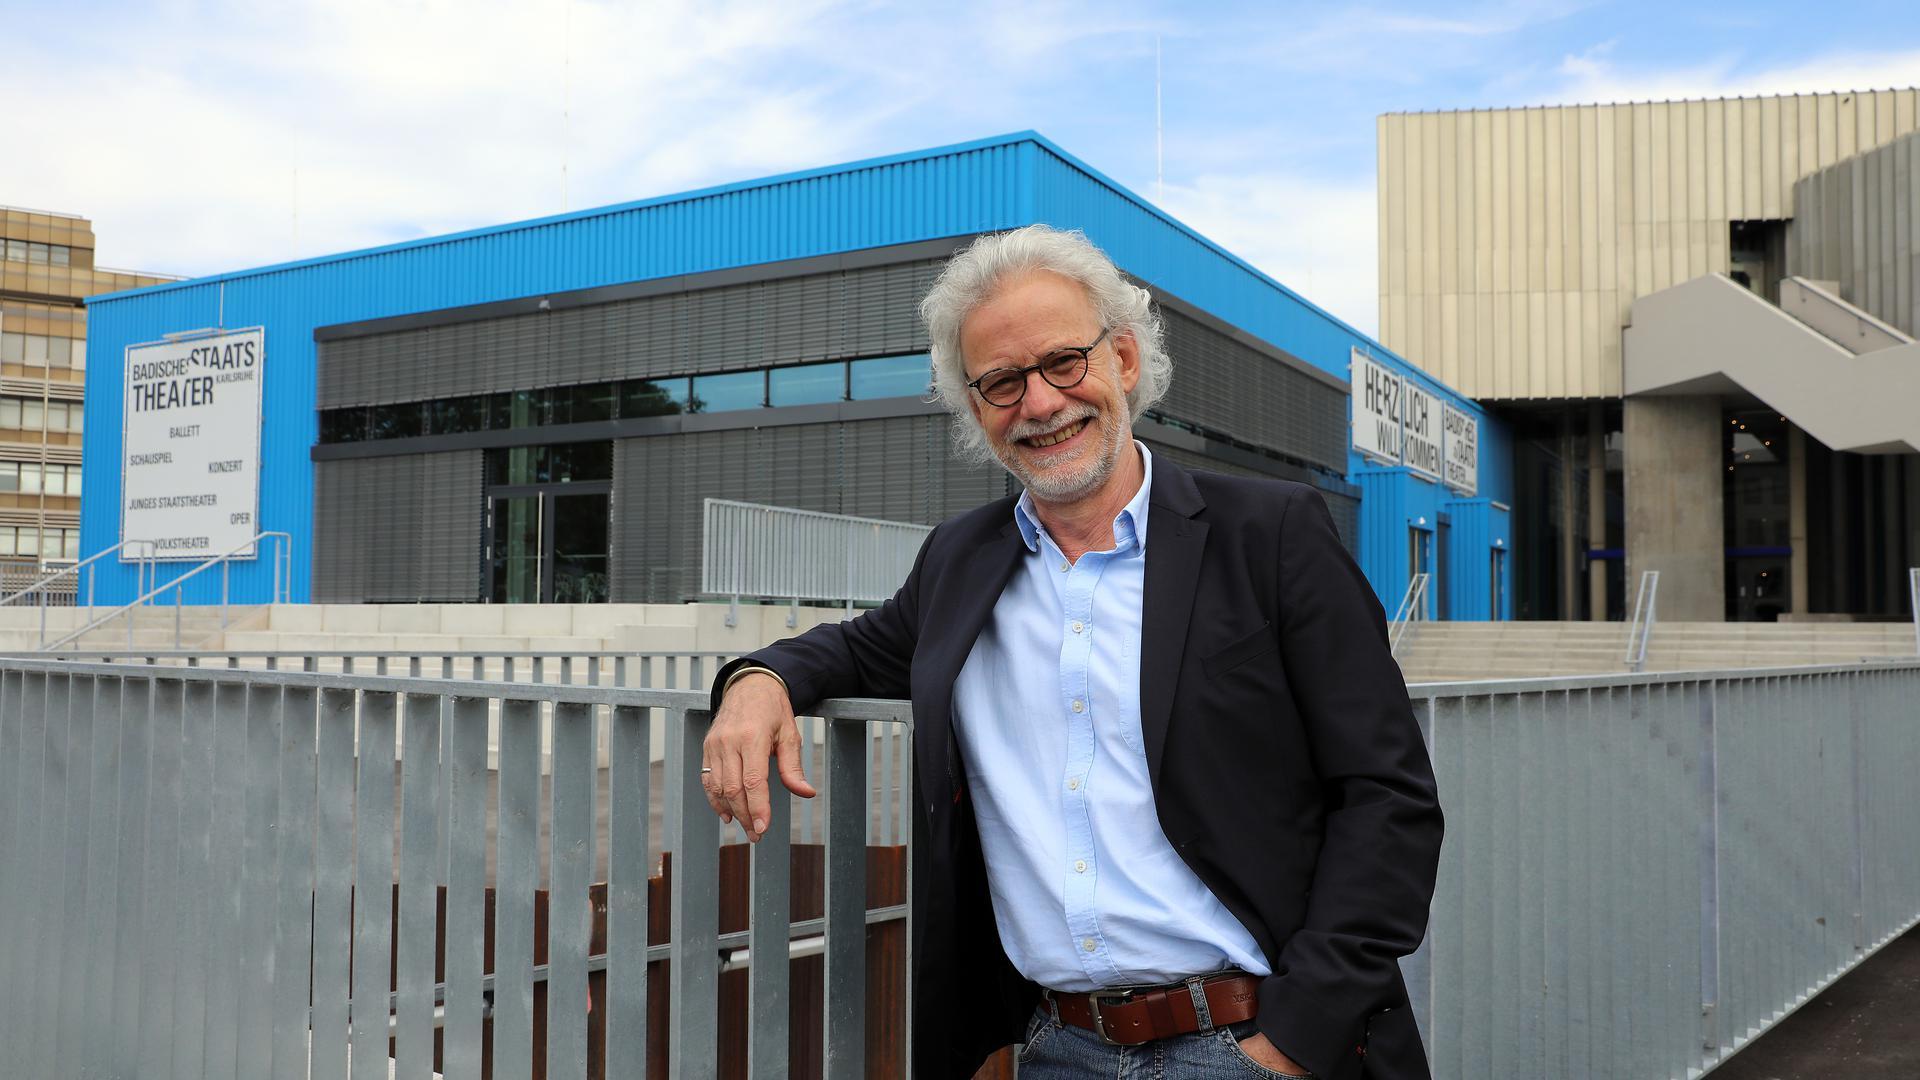 Ulrich Peters, Interims-Intendant, steht vor dem Badischen Staatstheater Karlsruhe.